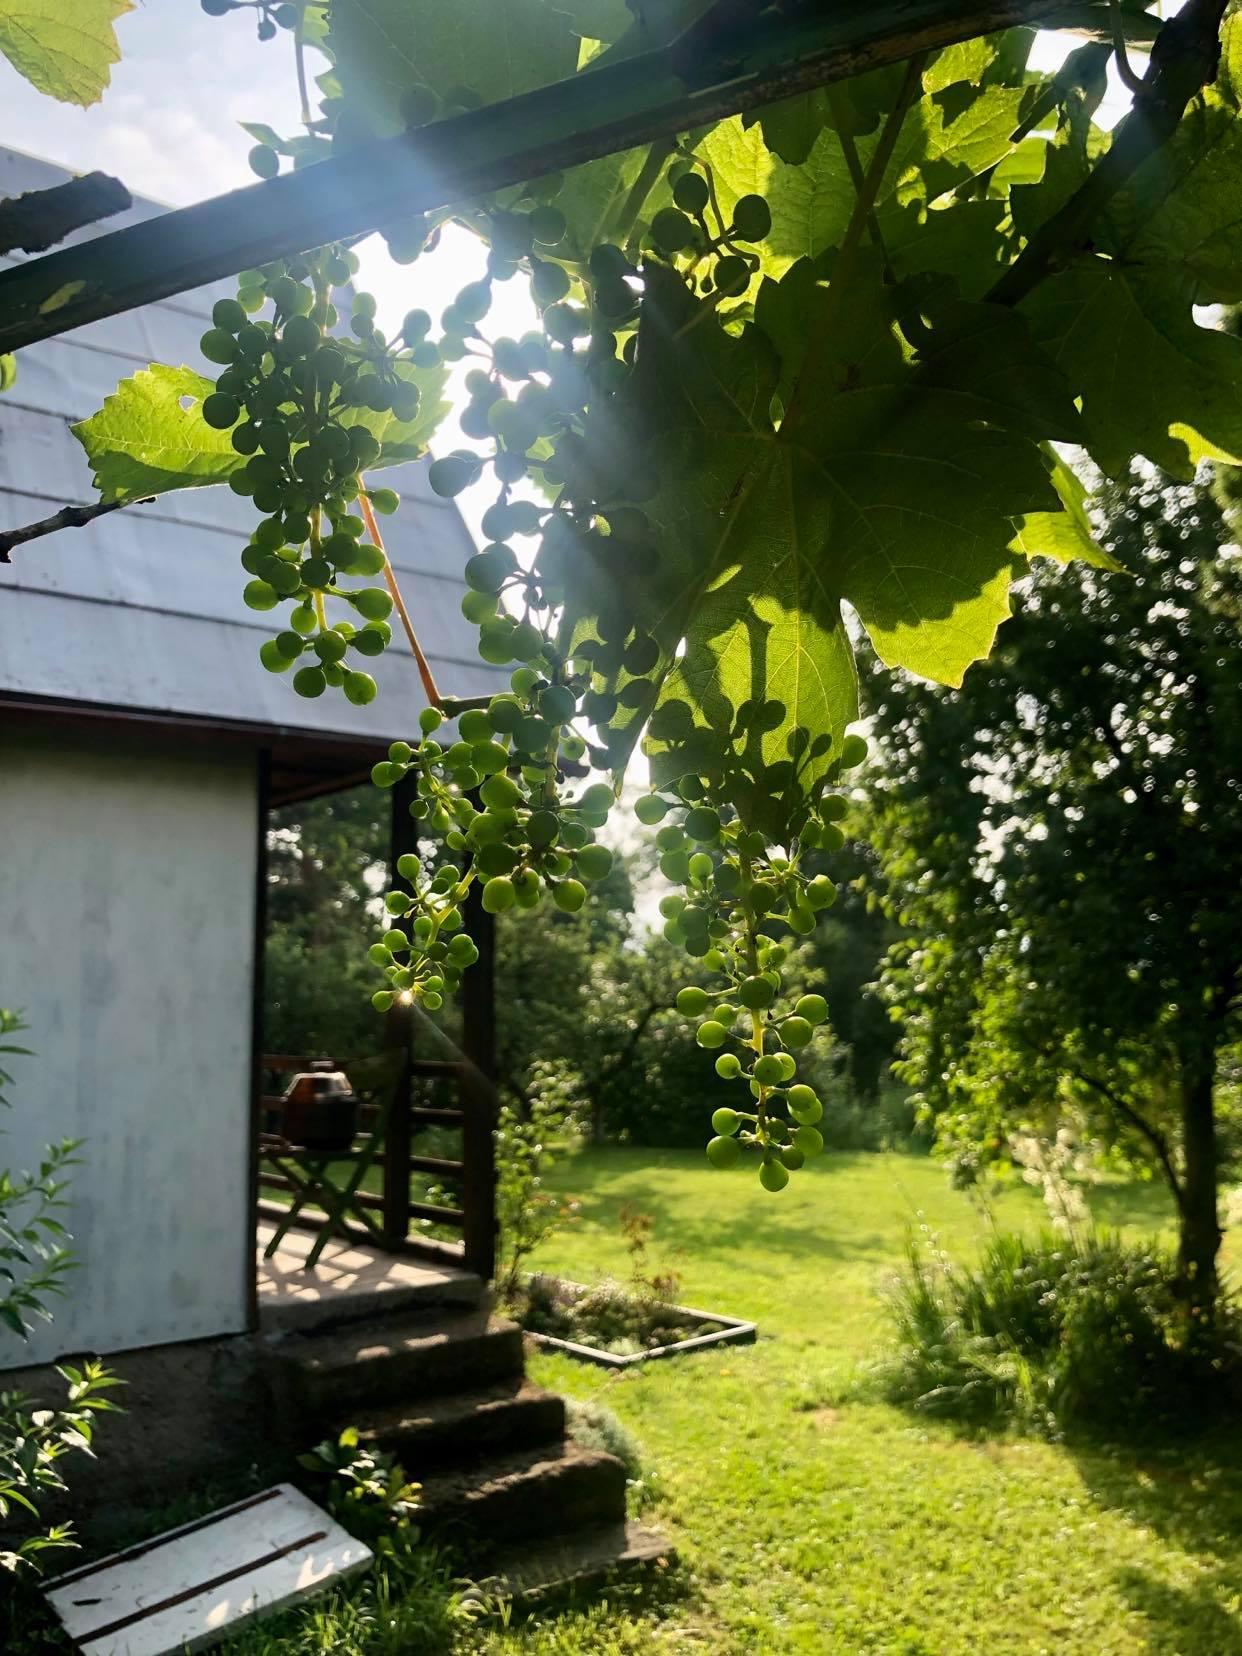 Chatička - Vypadá to že střih vínu prospěl a nějaká úroda snad bude :)